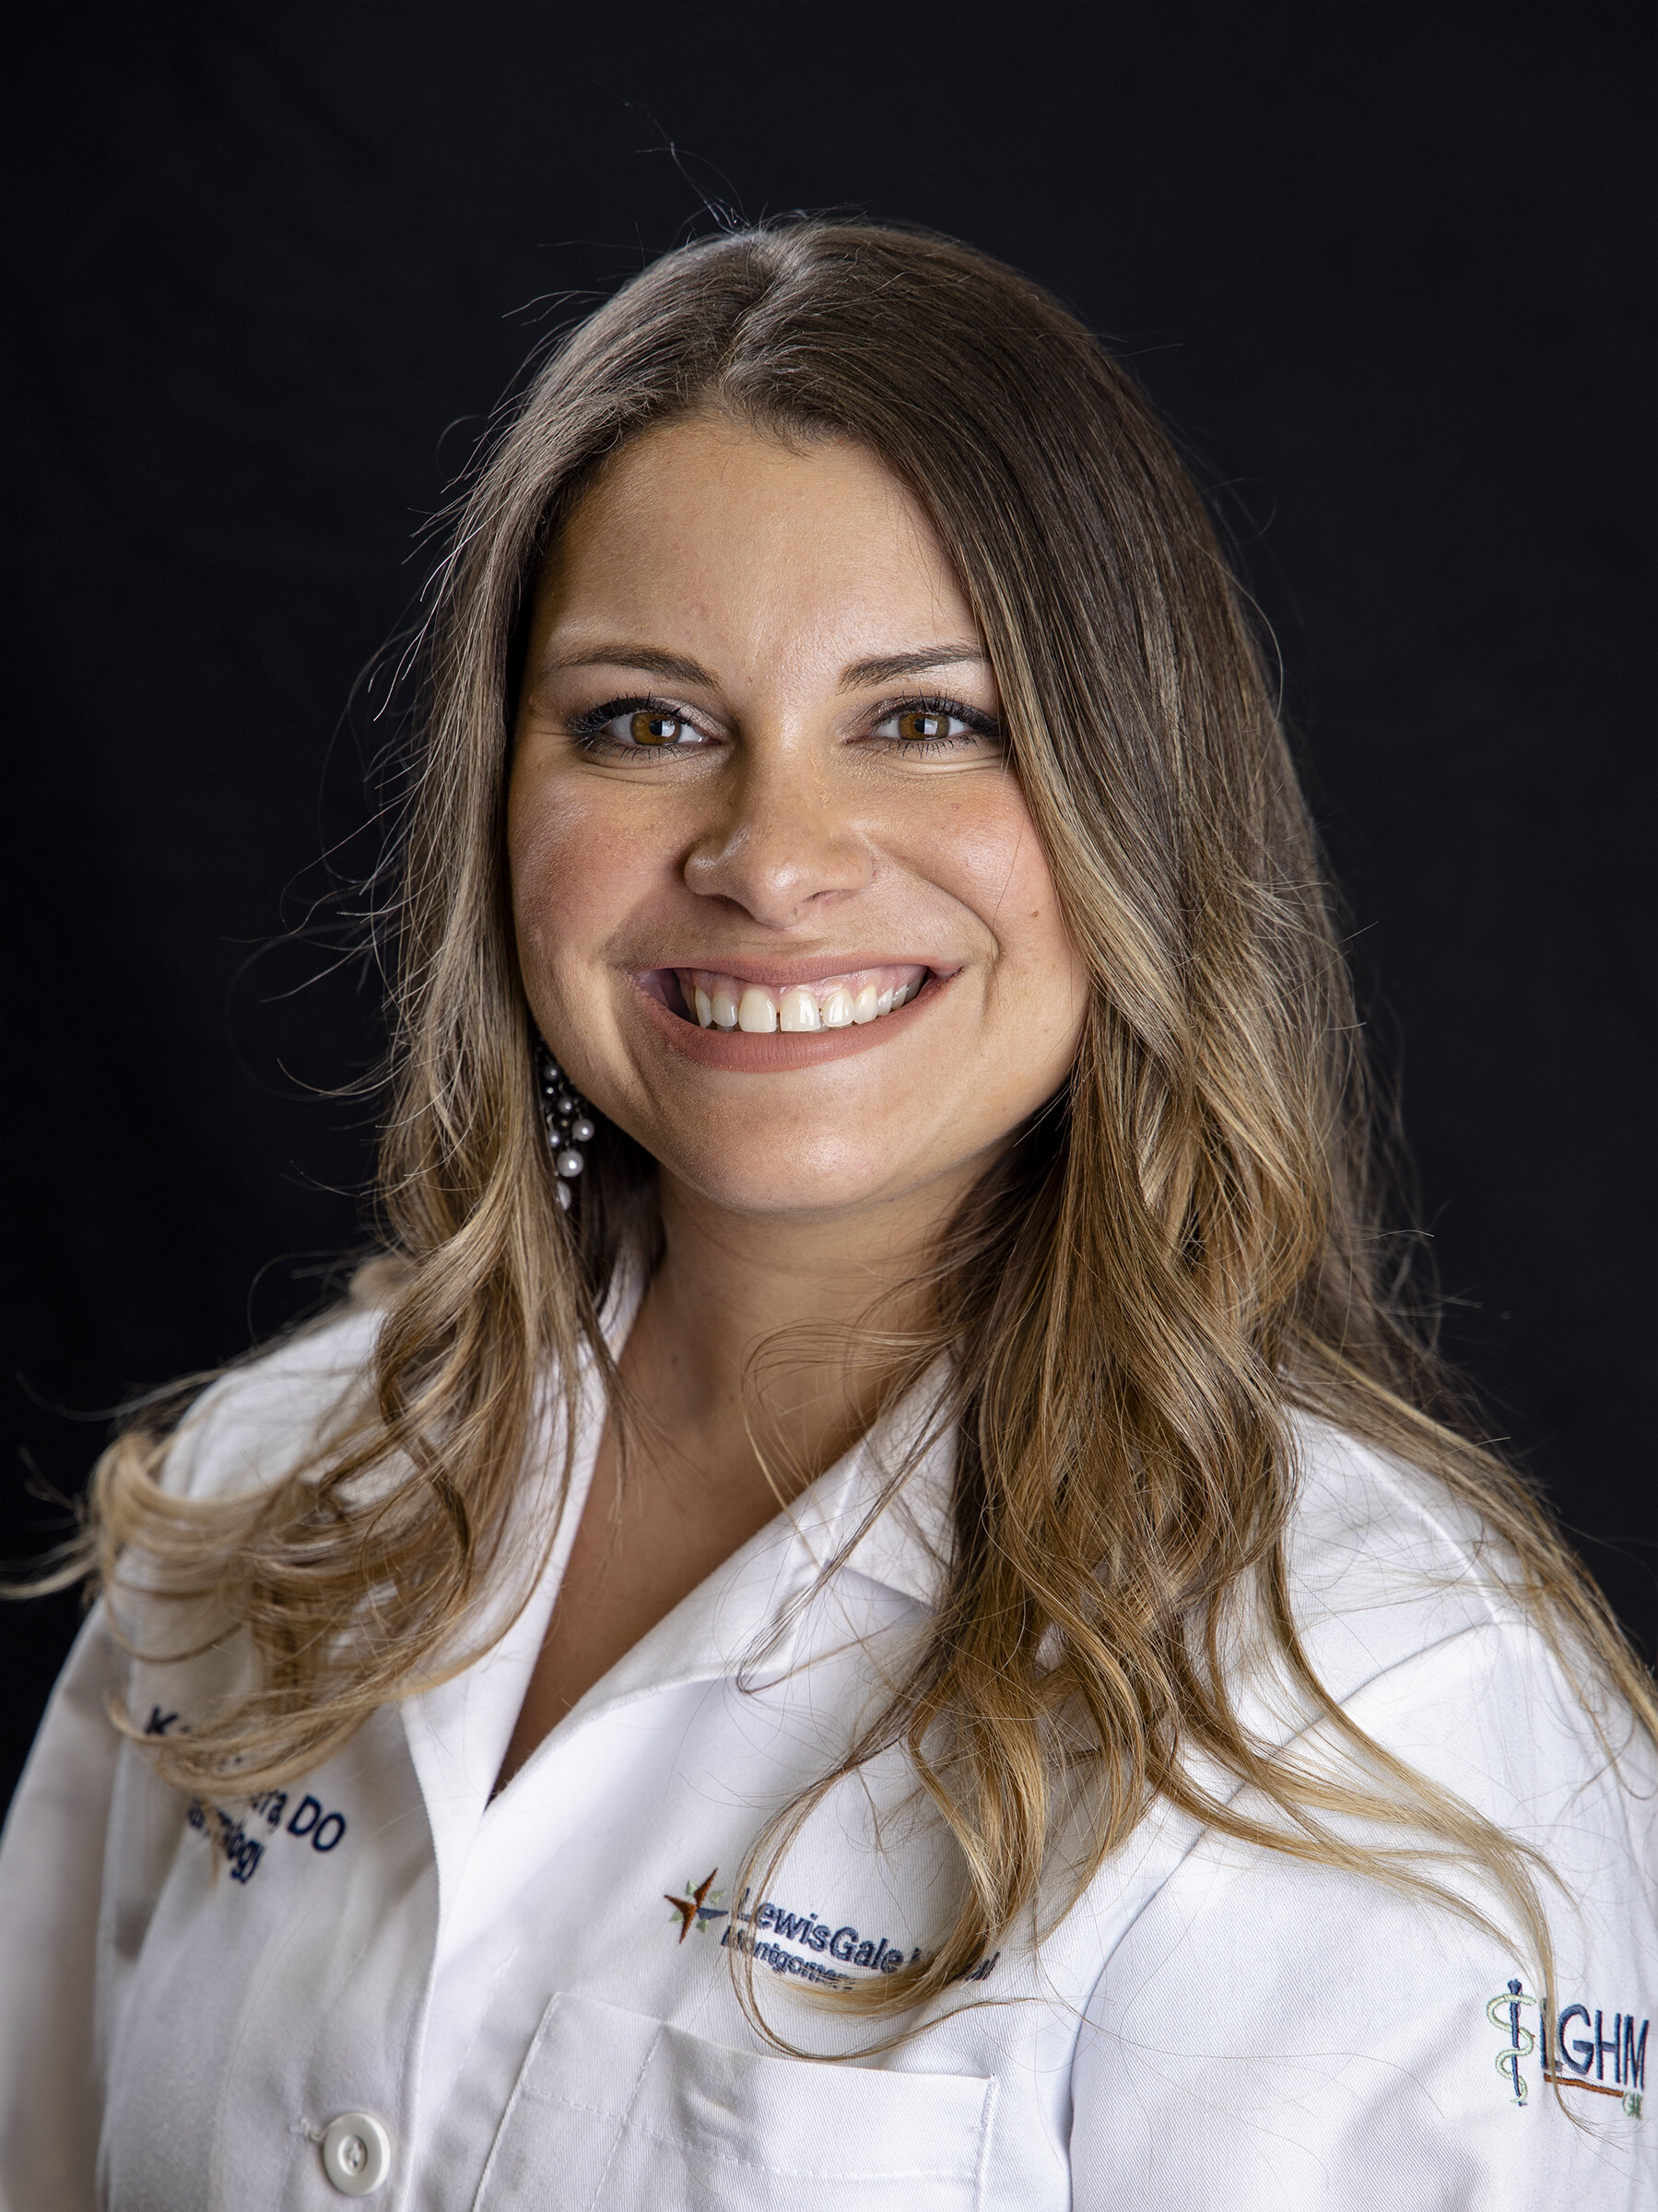 A photo of Karla Guerra, D.O.